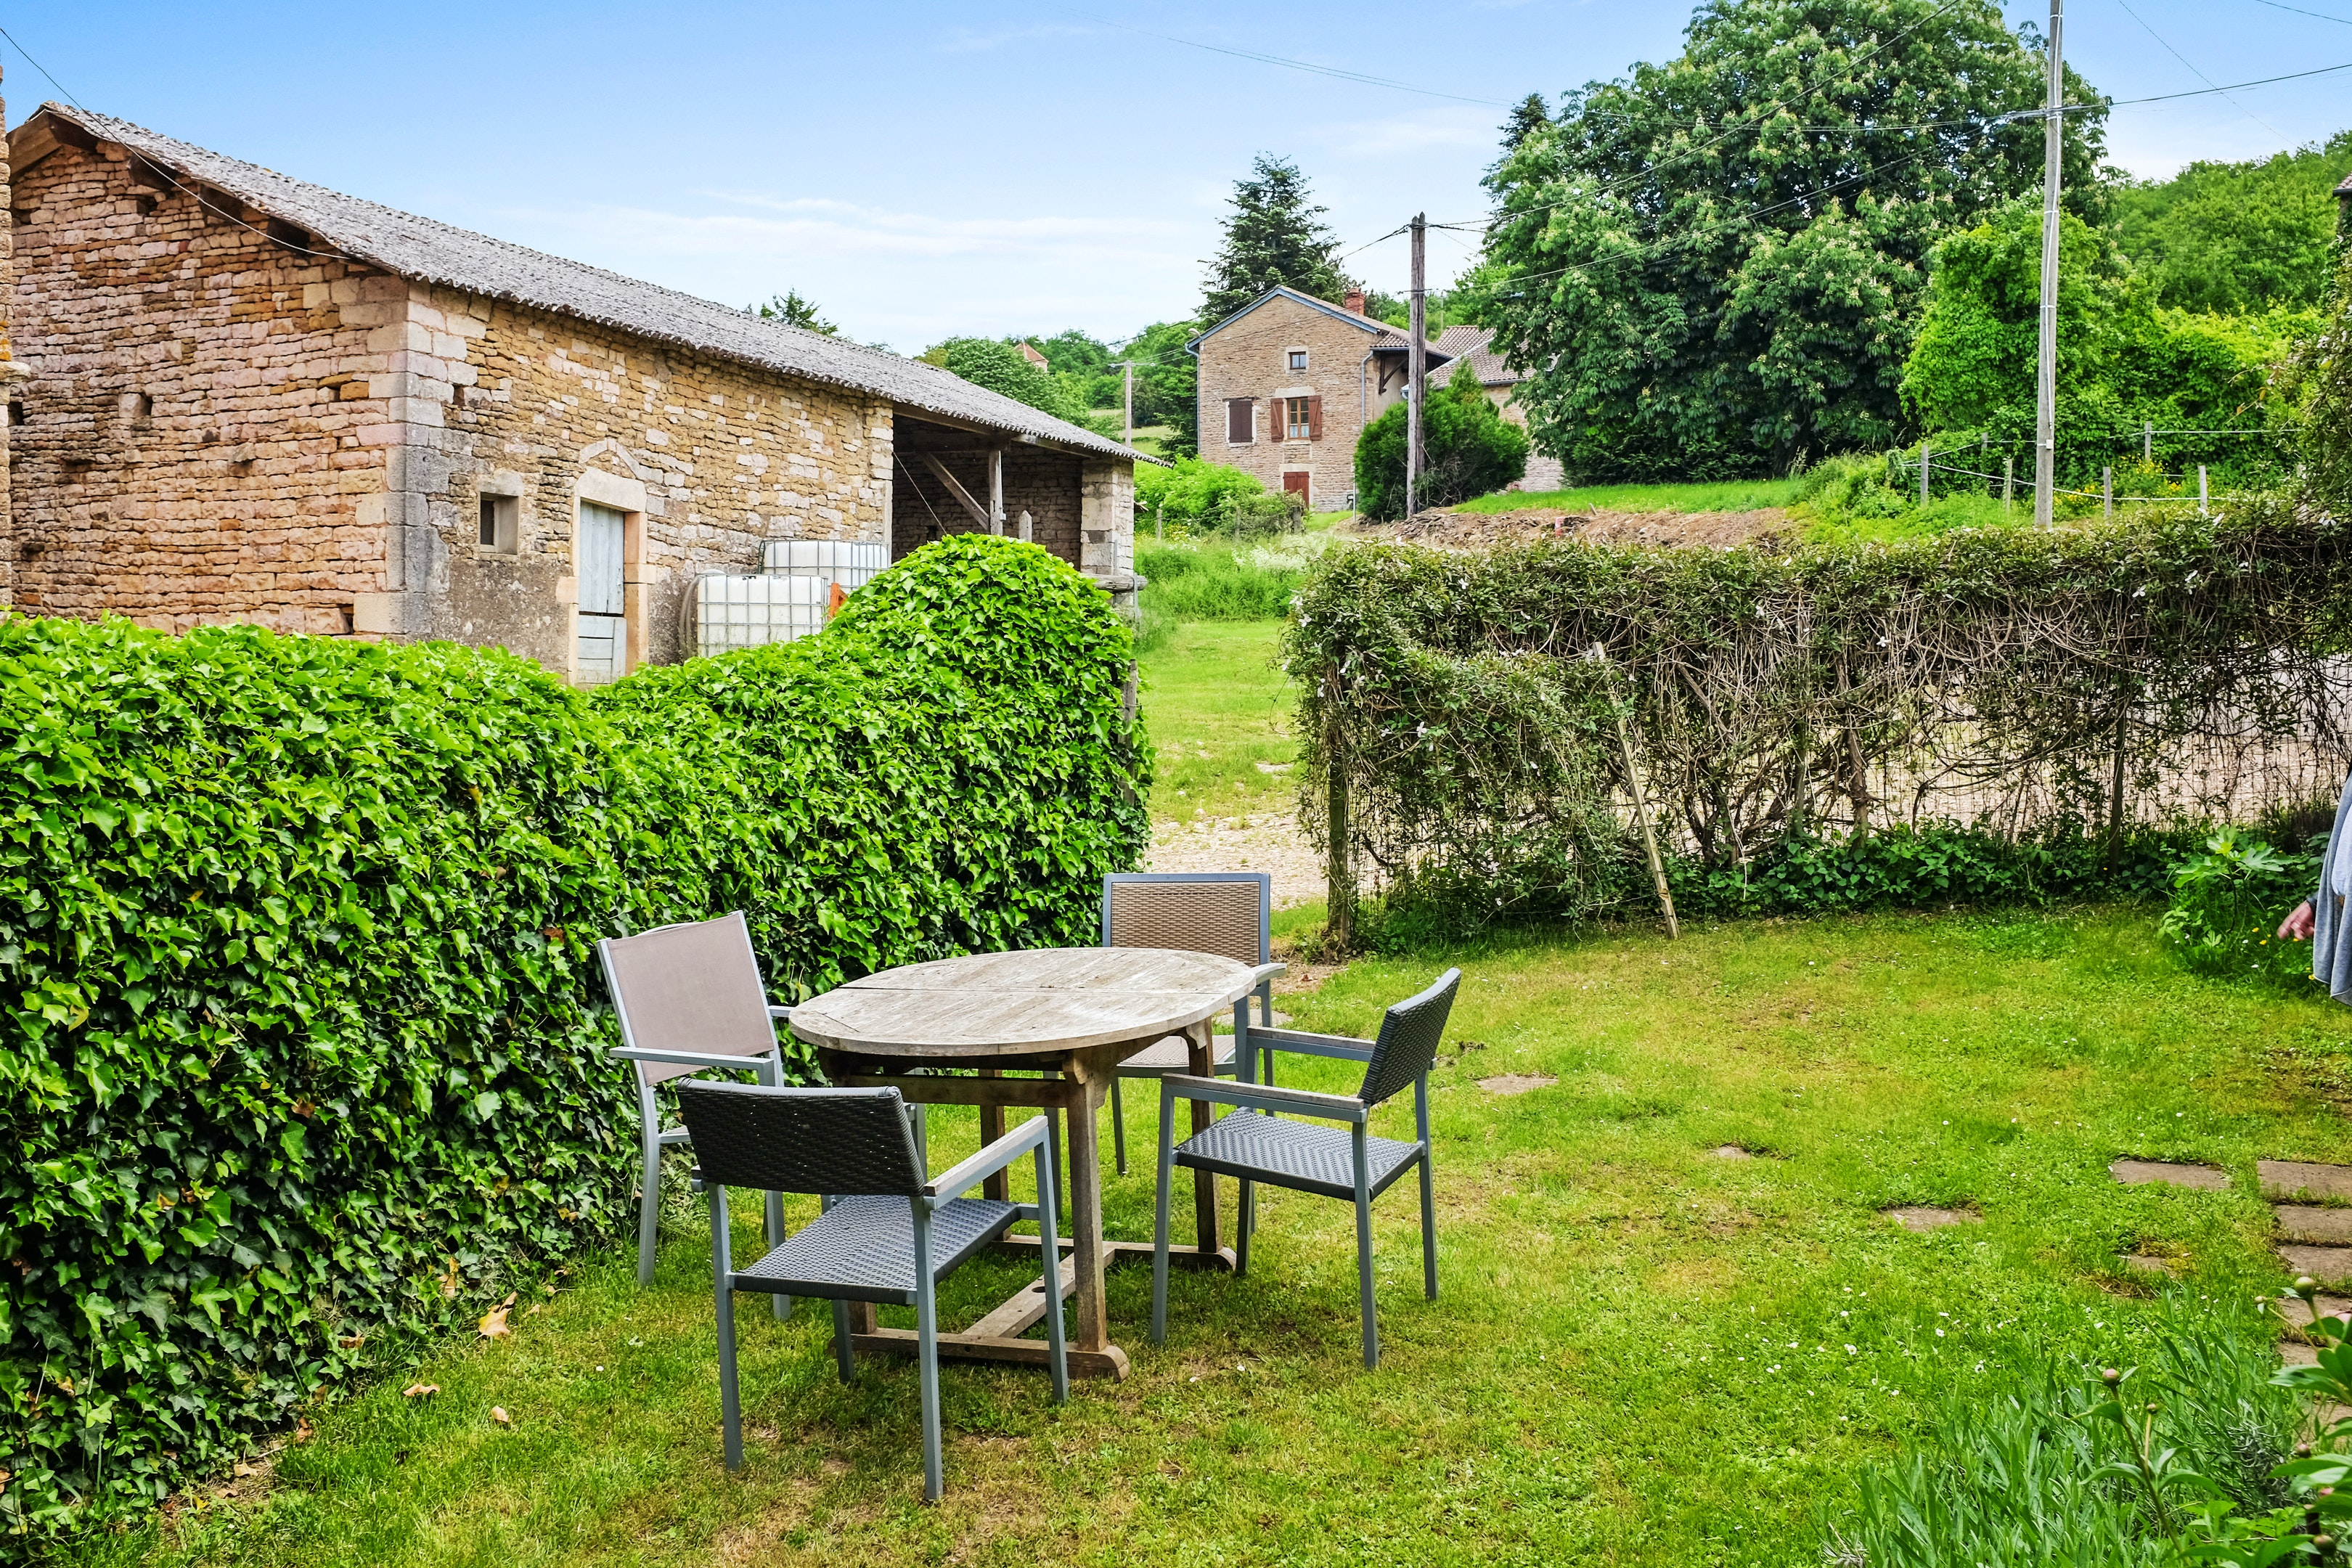 Ferienhaus Haus mit 2 Schlafzimmern in Grevilly mit eingezäuntem Garten (2202565), Grevilly, Saône-et-Loire, Burgund, Frankreich, Bild 17